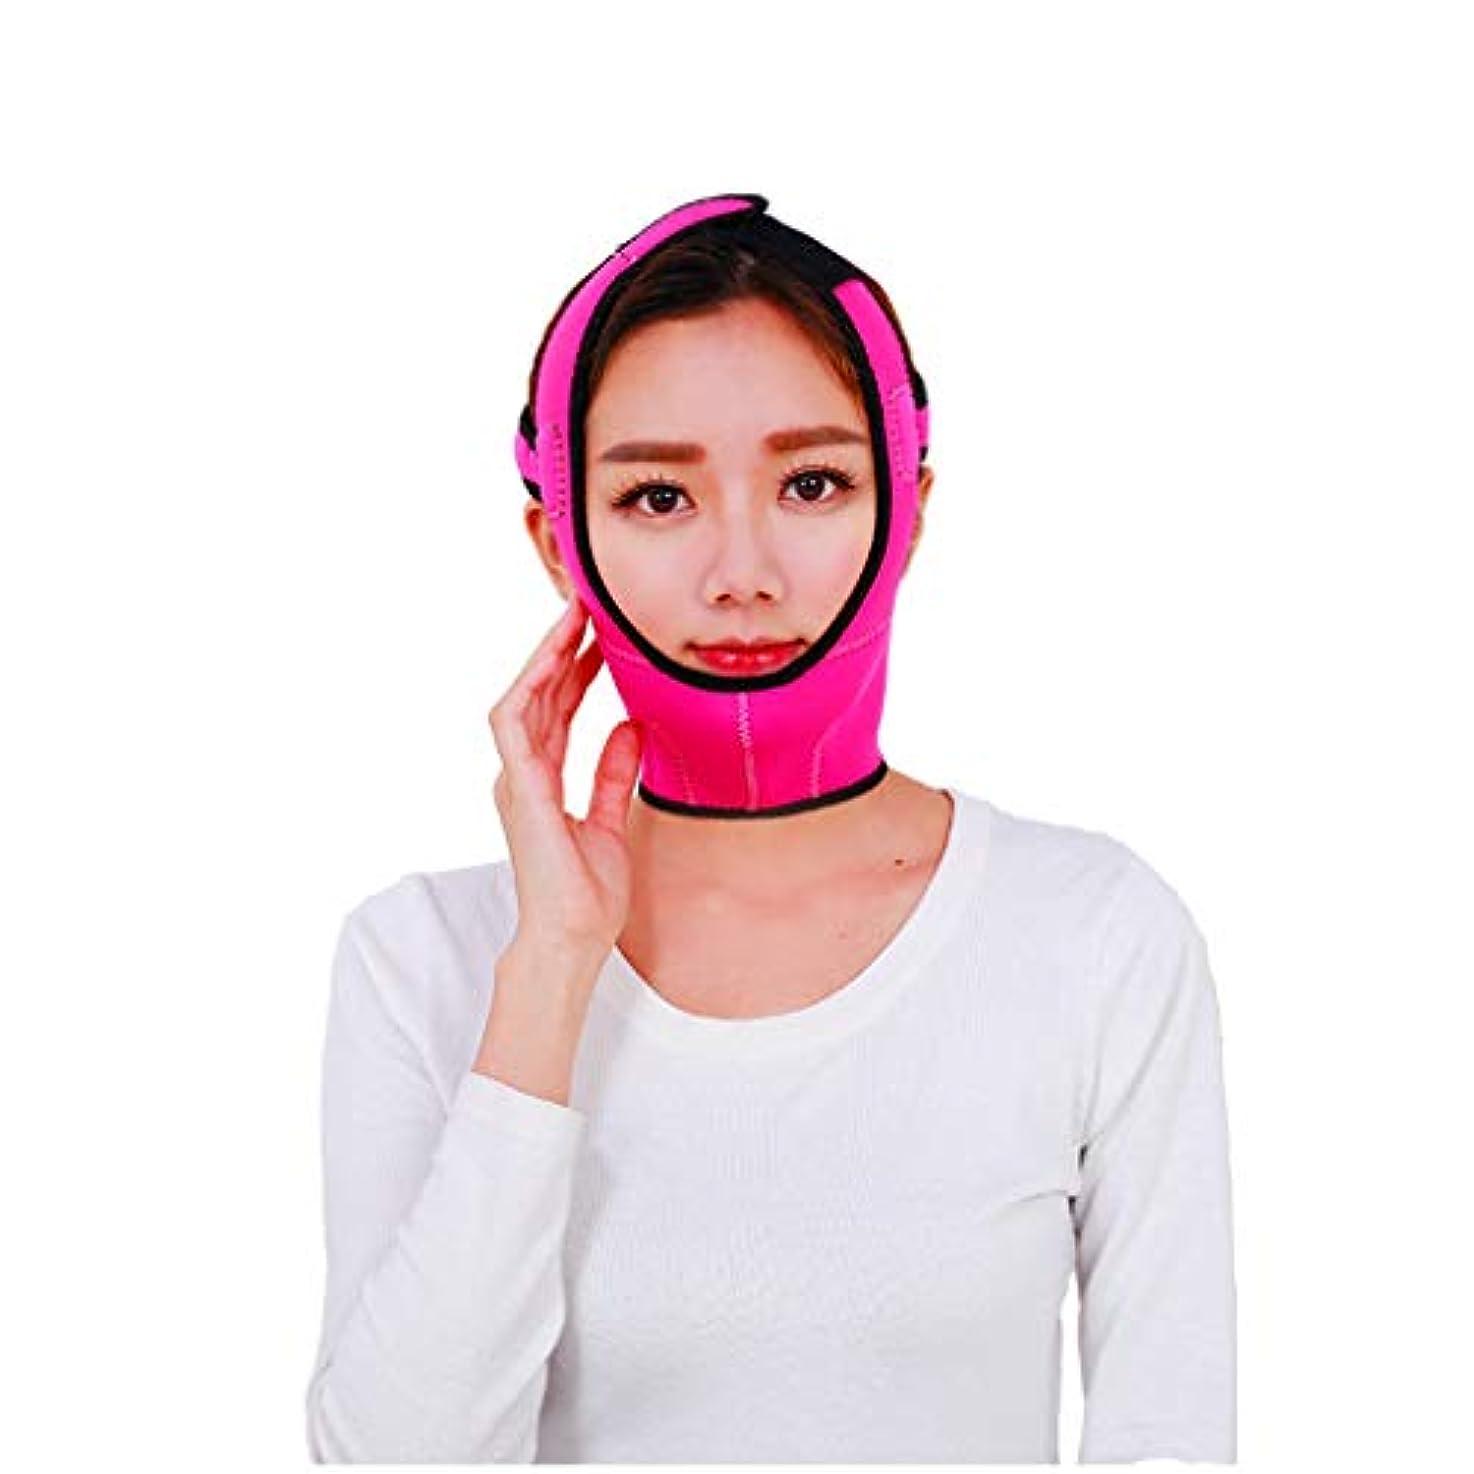 再生励起面積顔のマスクは、胸の皮膚を引き締め首の皮膚を強化収縮リフティング包帯を和らげる